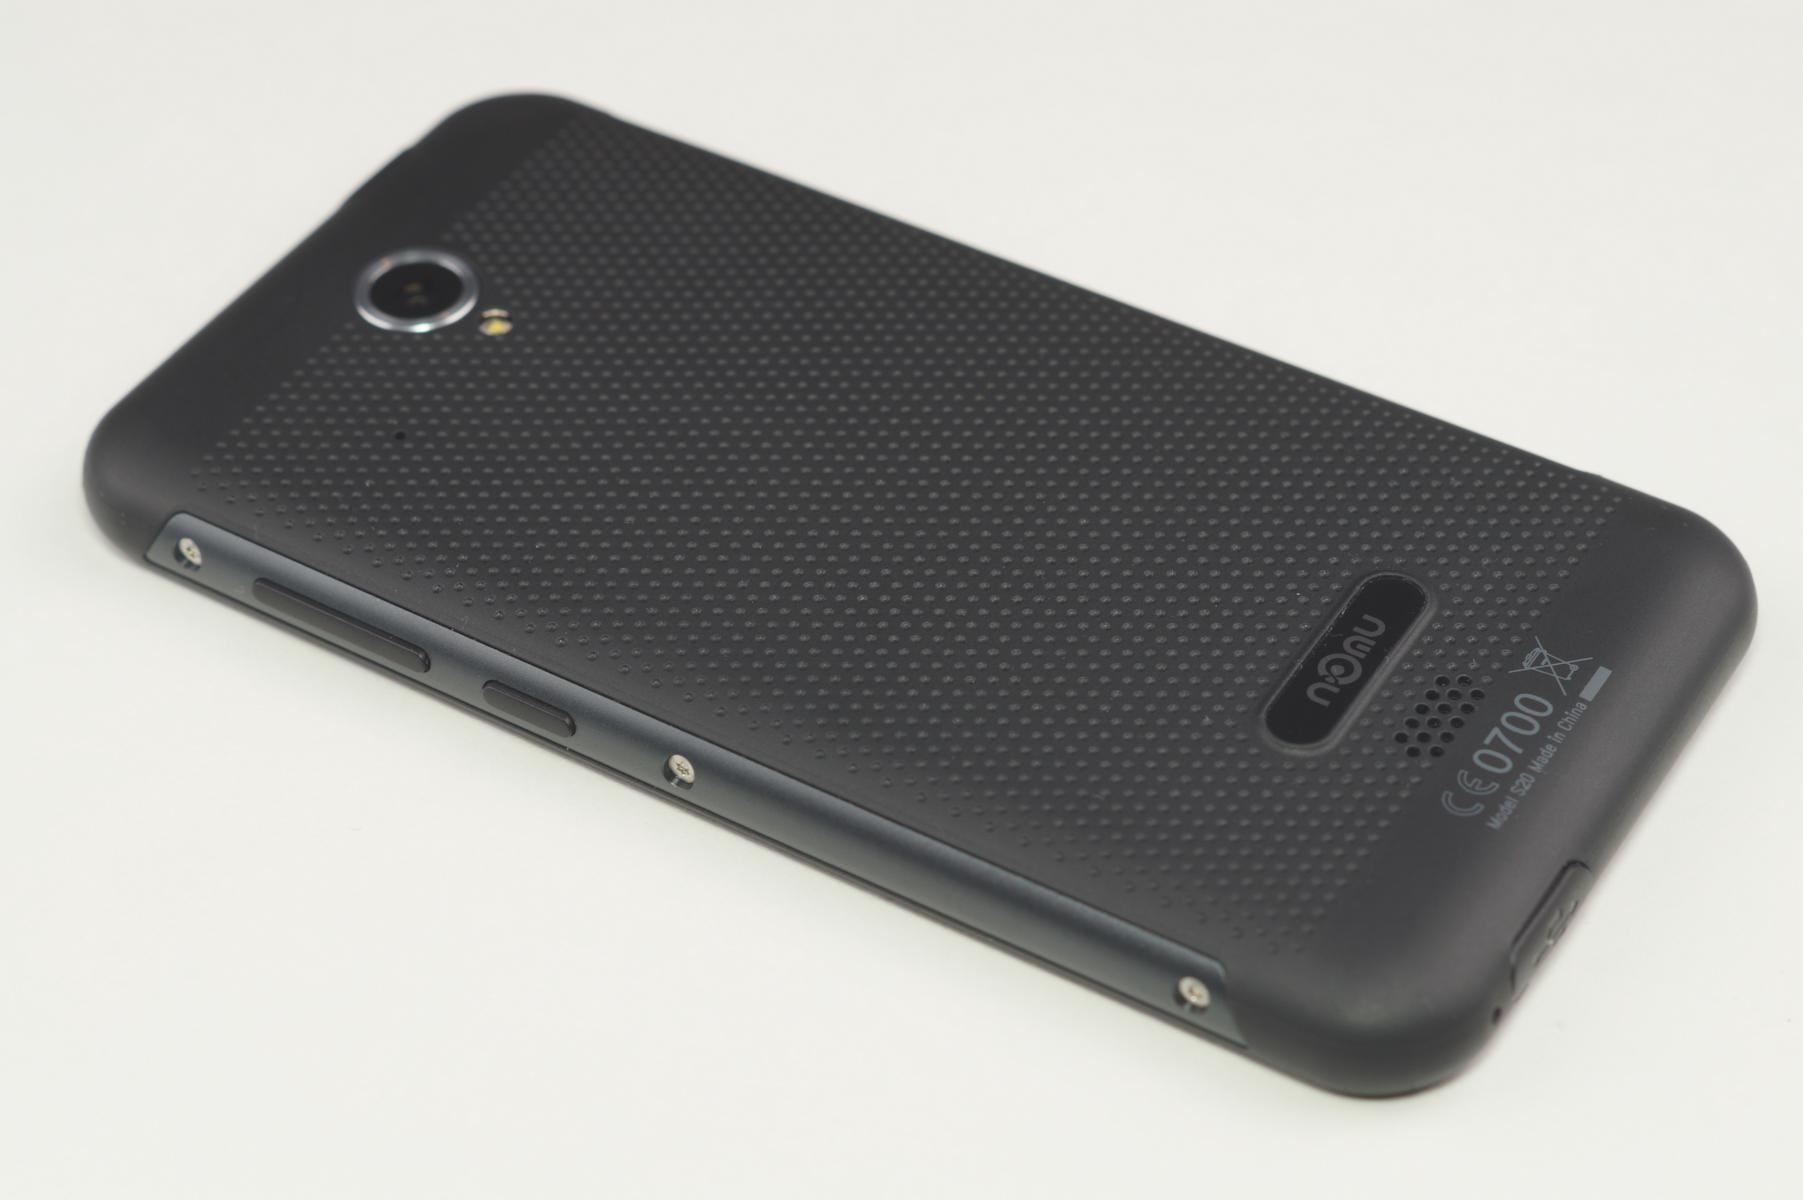 Рис. 4. Хорошо защищённый гаджет Nomu S20 3/32GB.